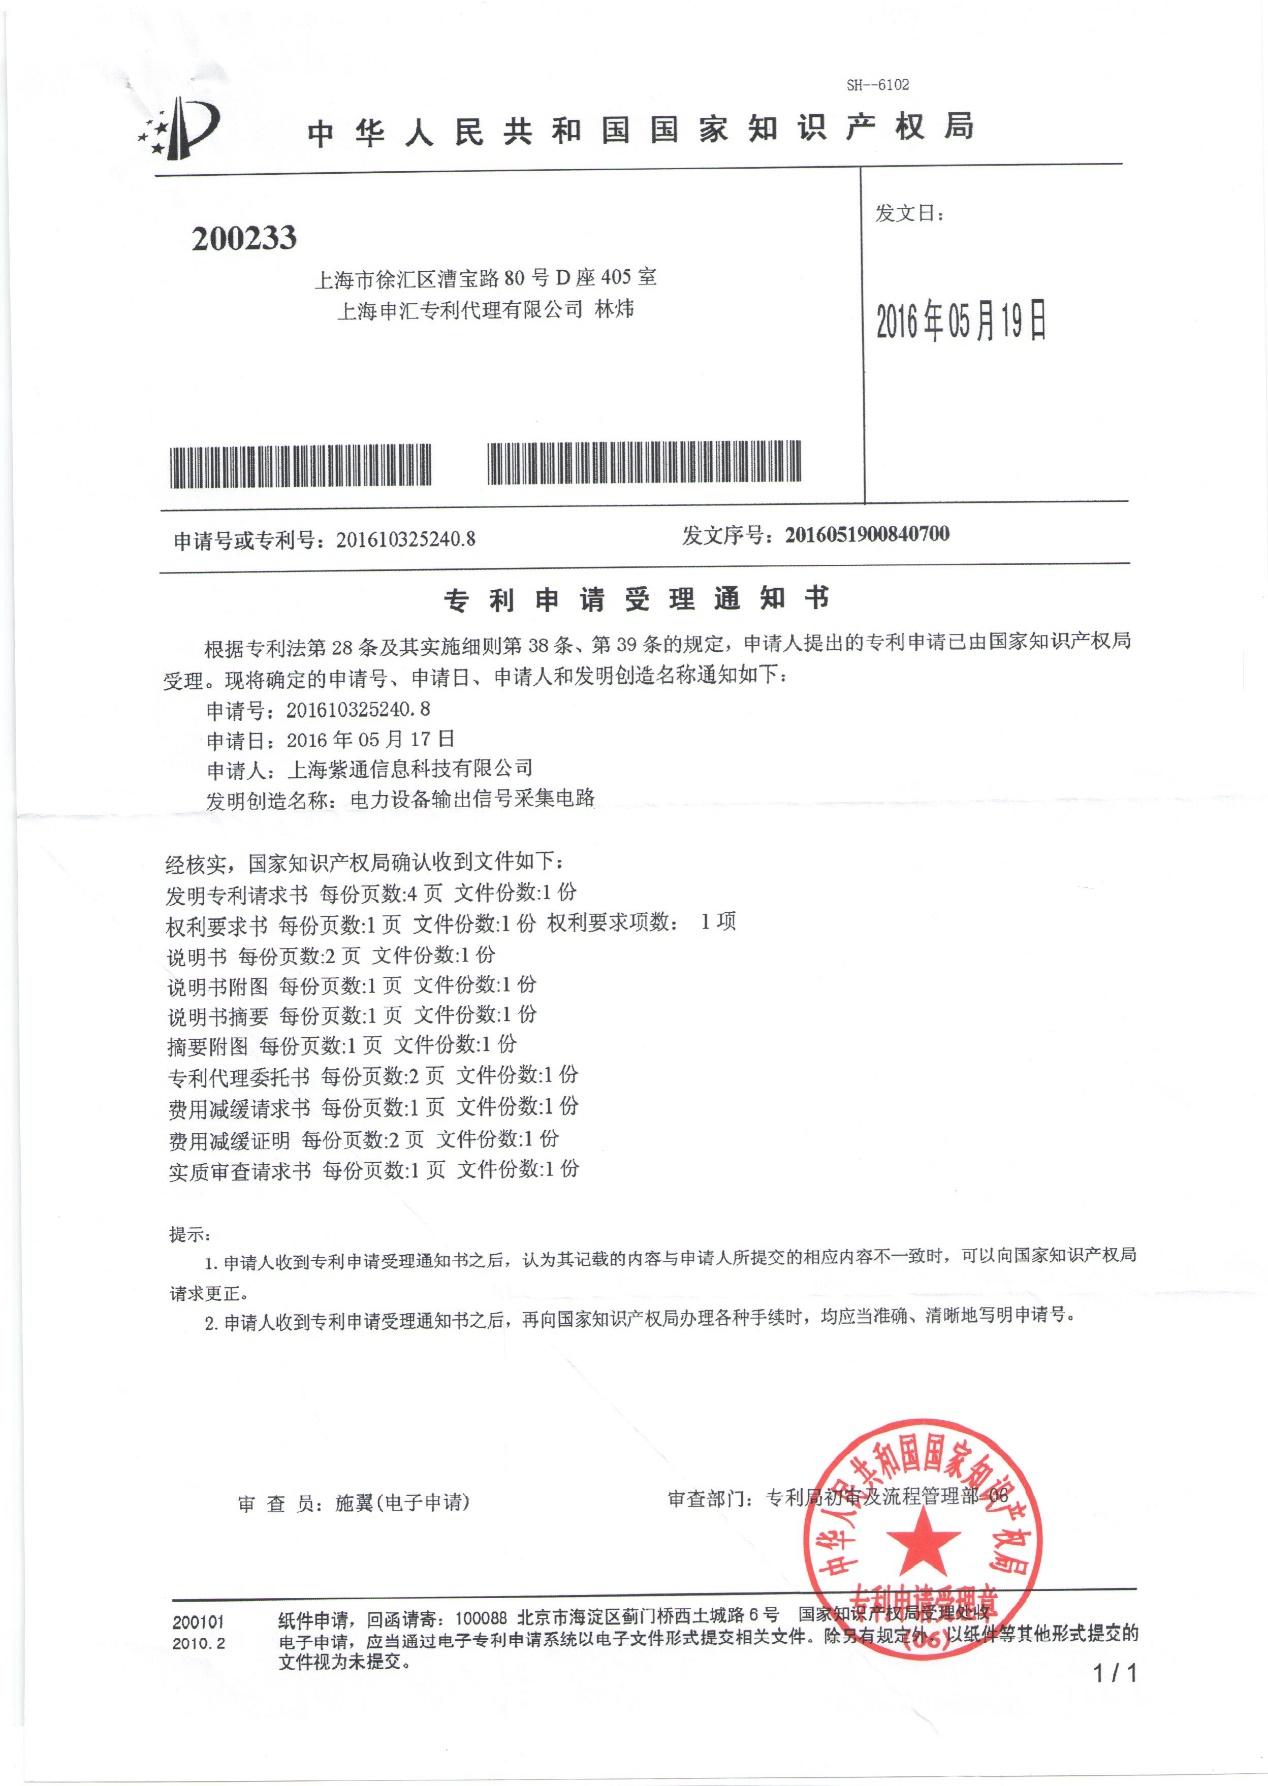 电力设备输出信号采集电路发明专利受理通知书